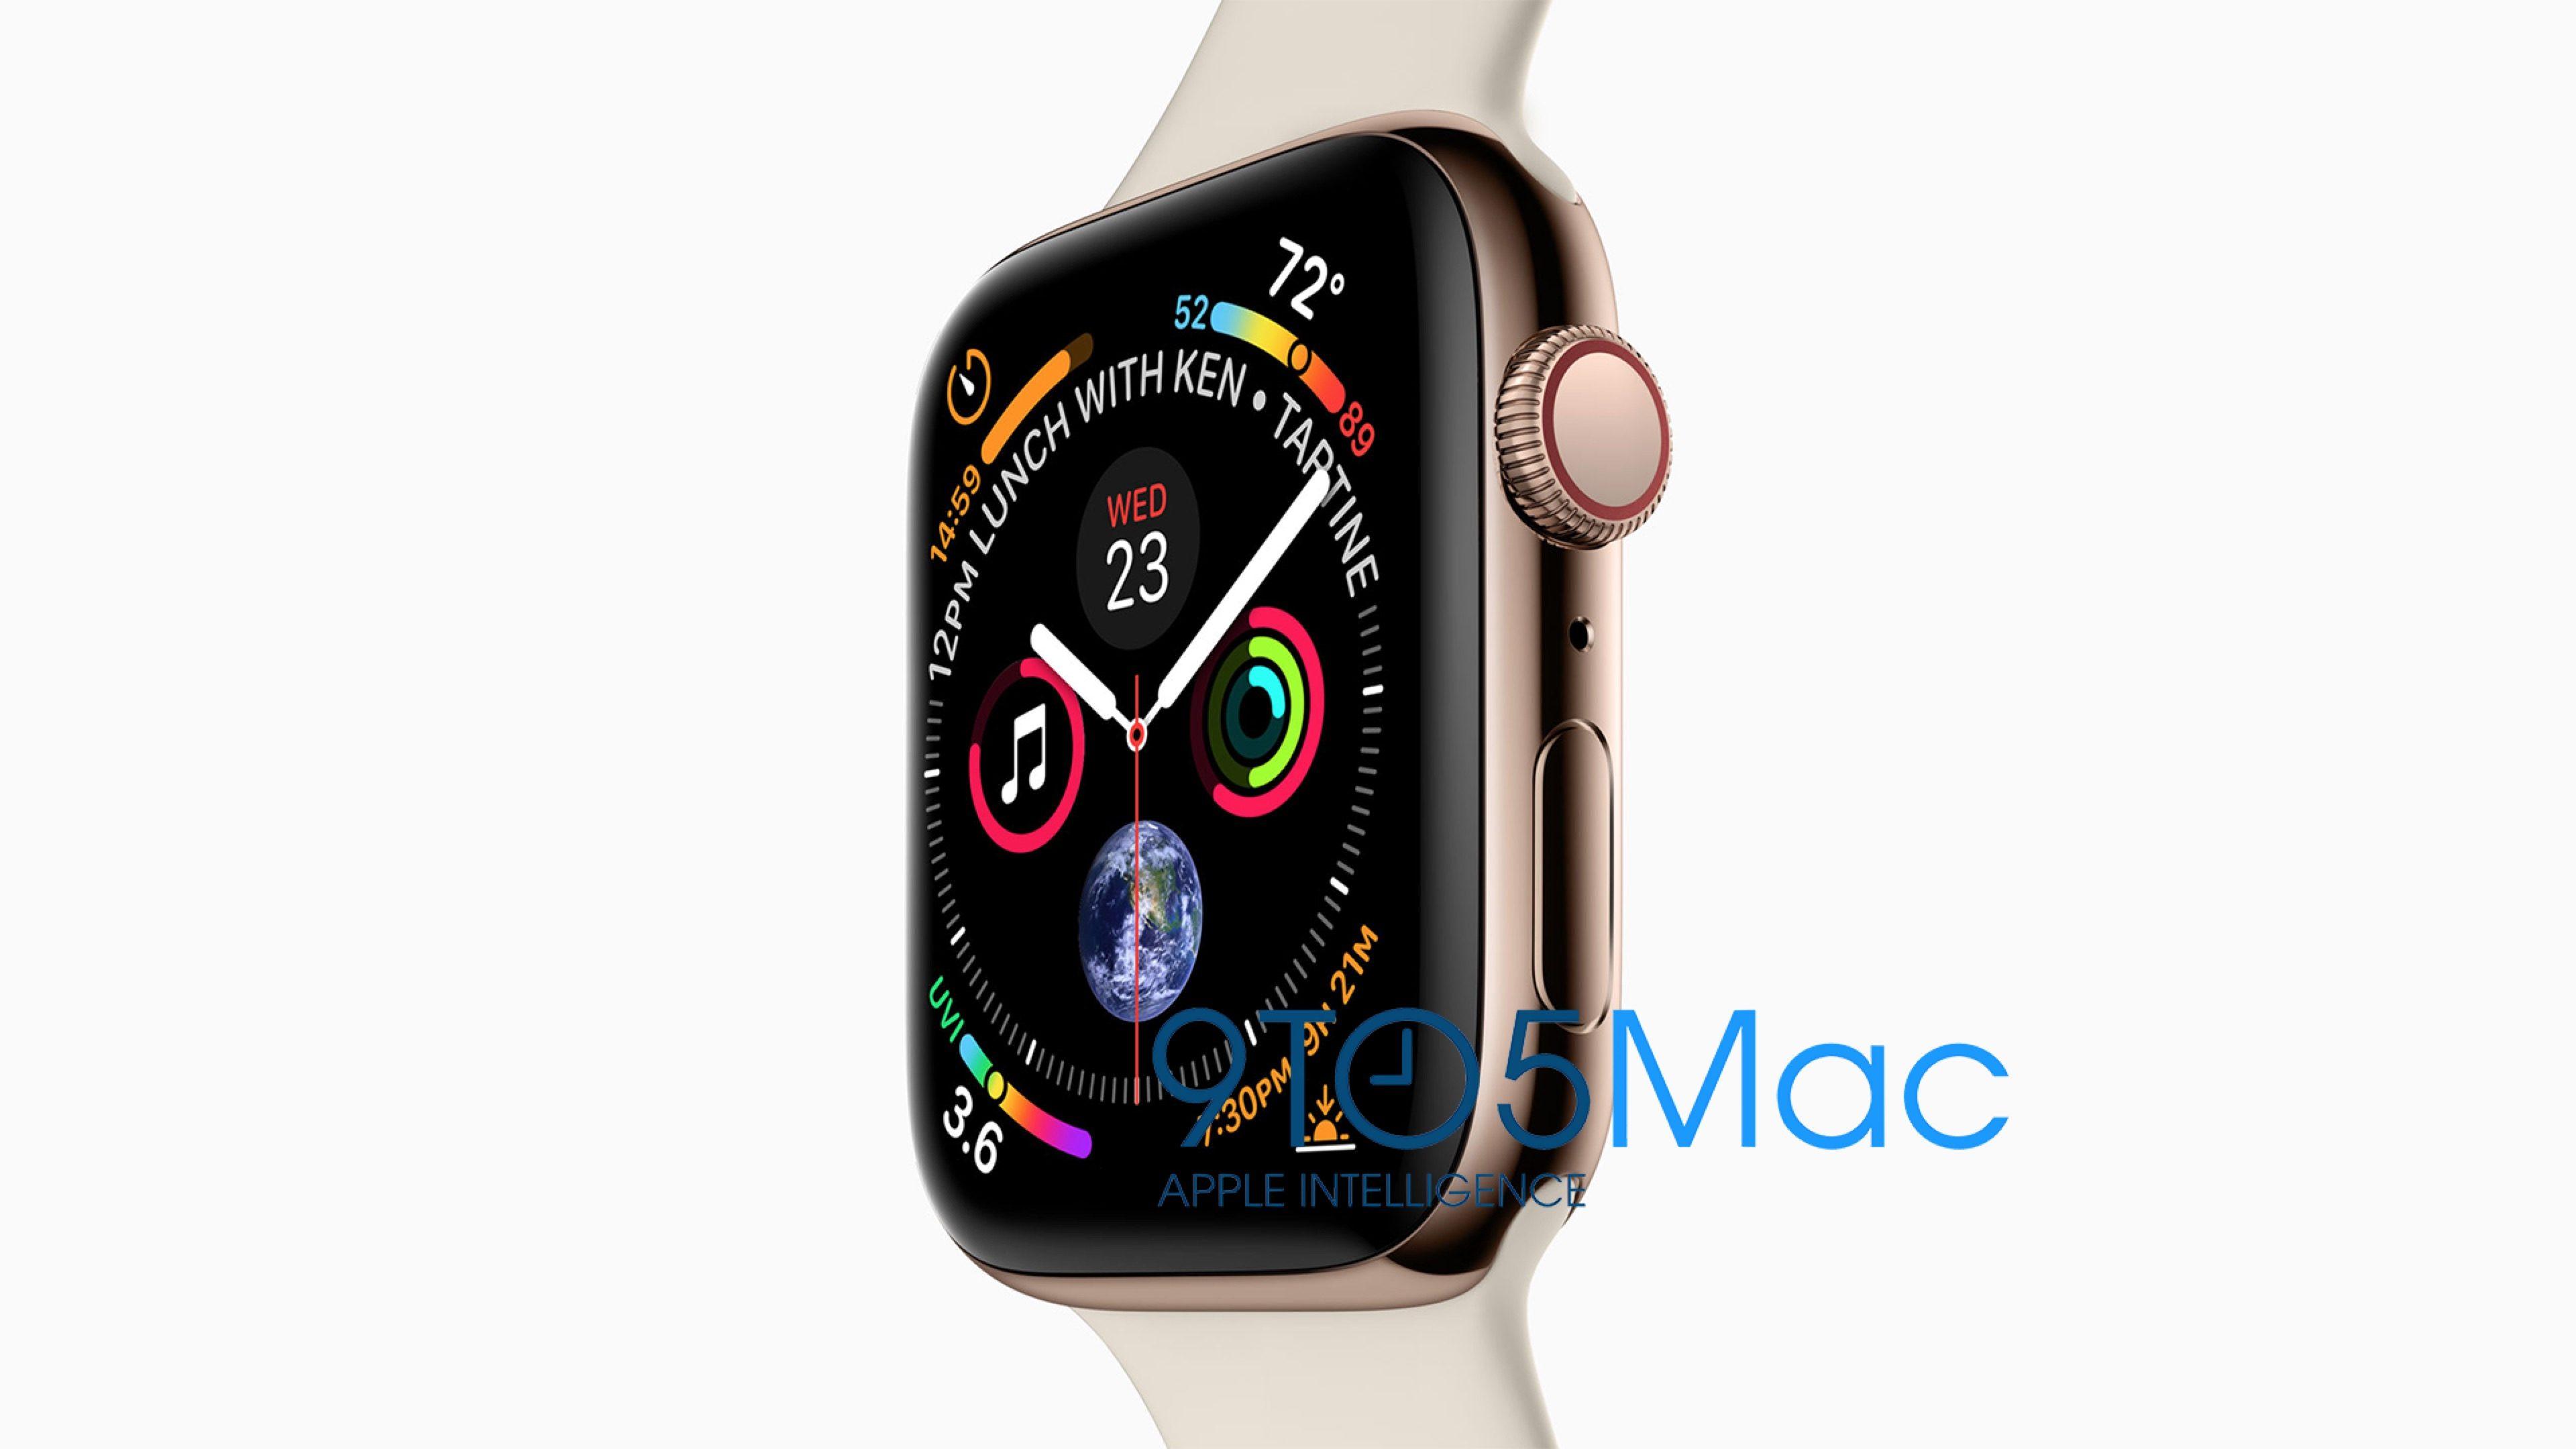 apple_watch_series_4_9to5mac.jpg